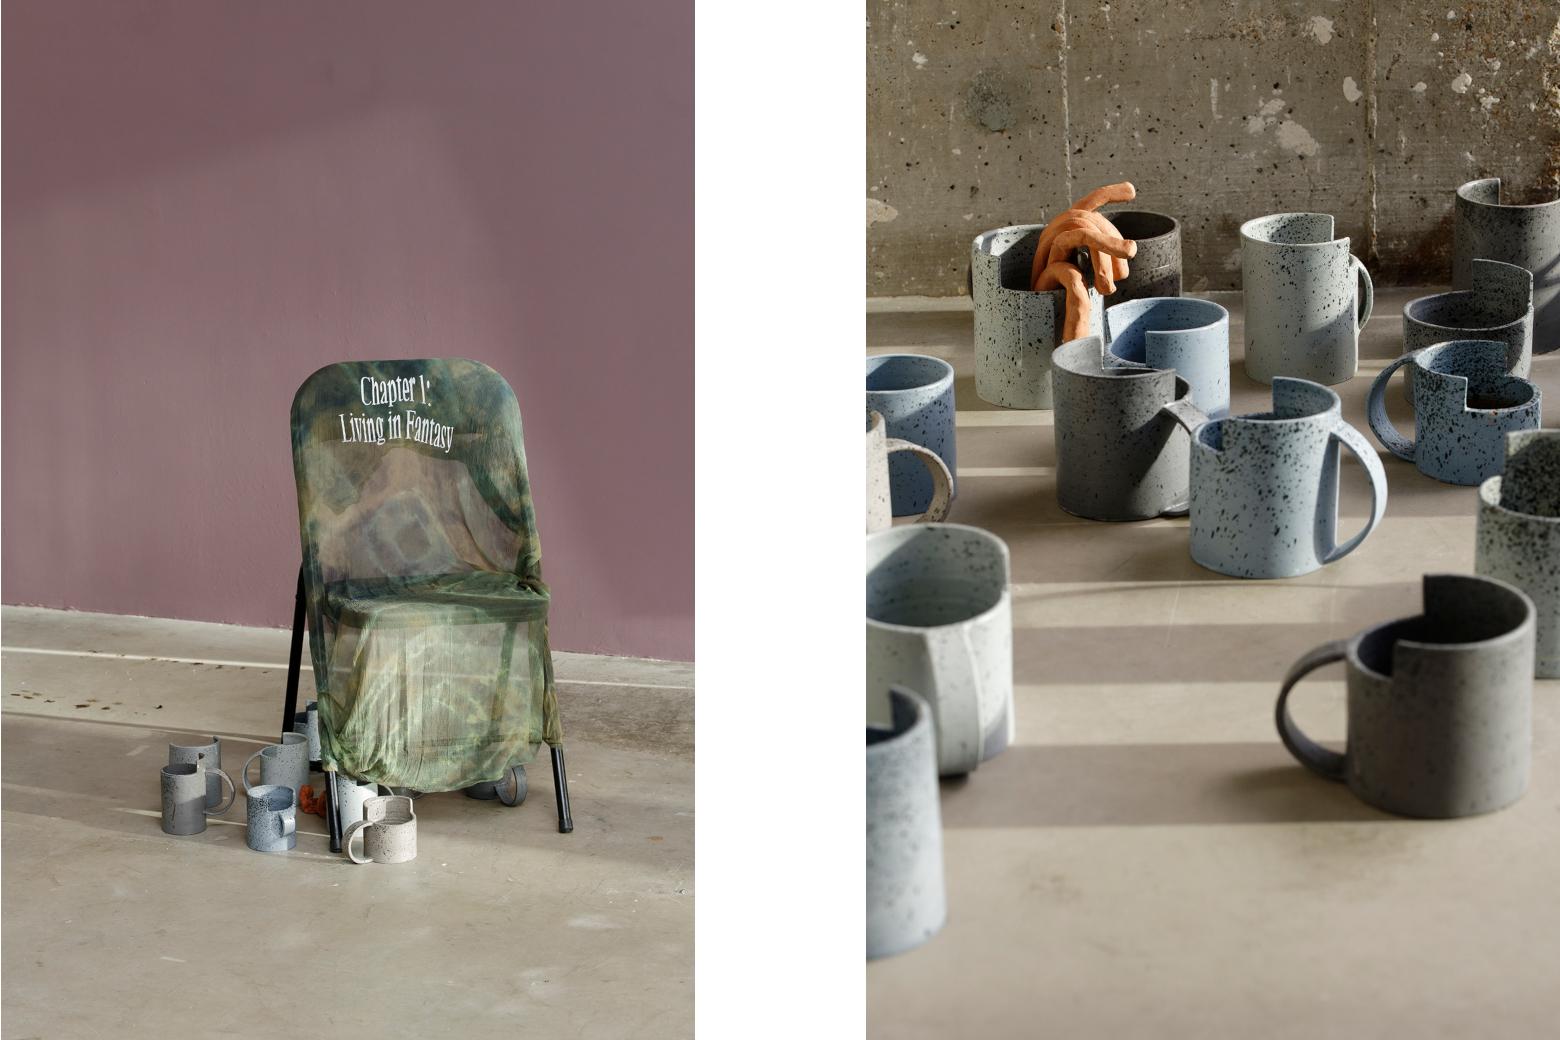 The Surplus Ève Chabanon : Le surplus, vue d'exposition Bétonsalon - Centre d'art et de recherche 2020, photo : Aurélien Mole Perspektive